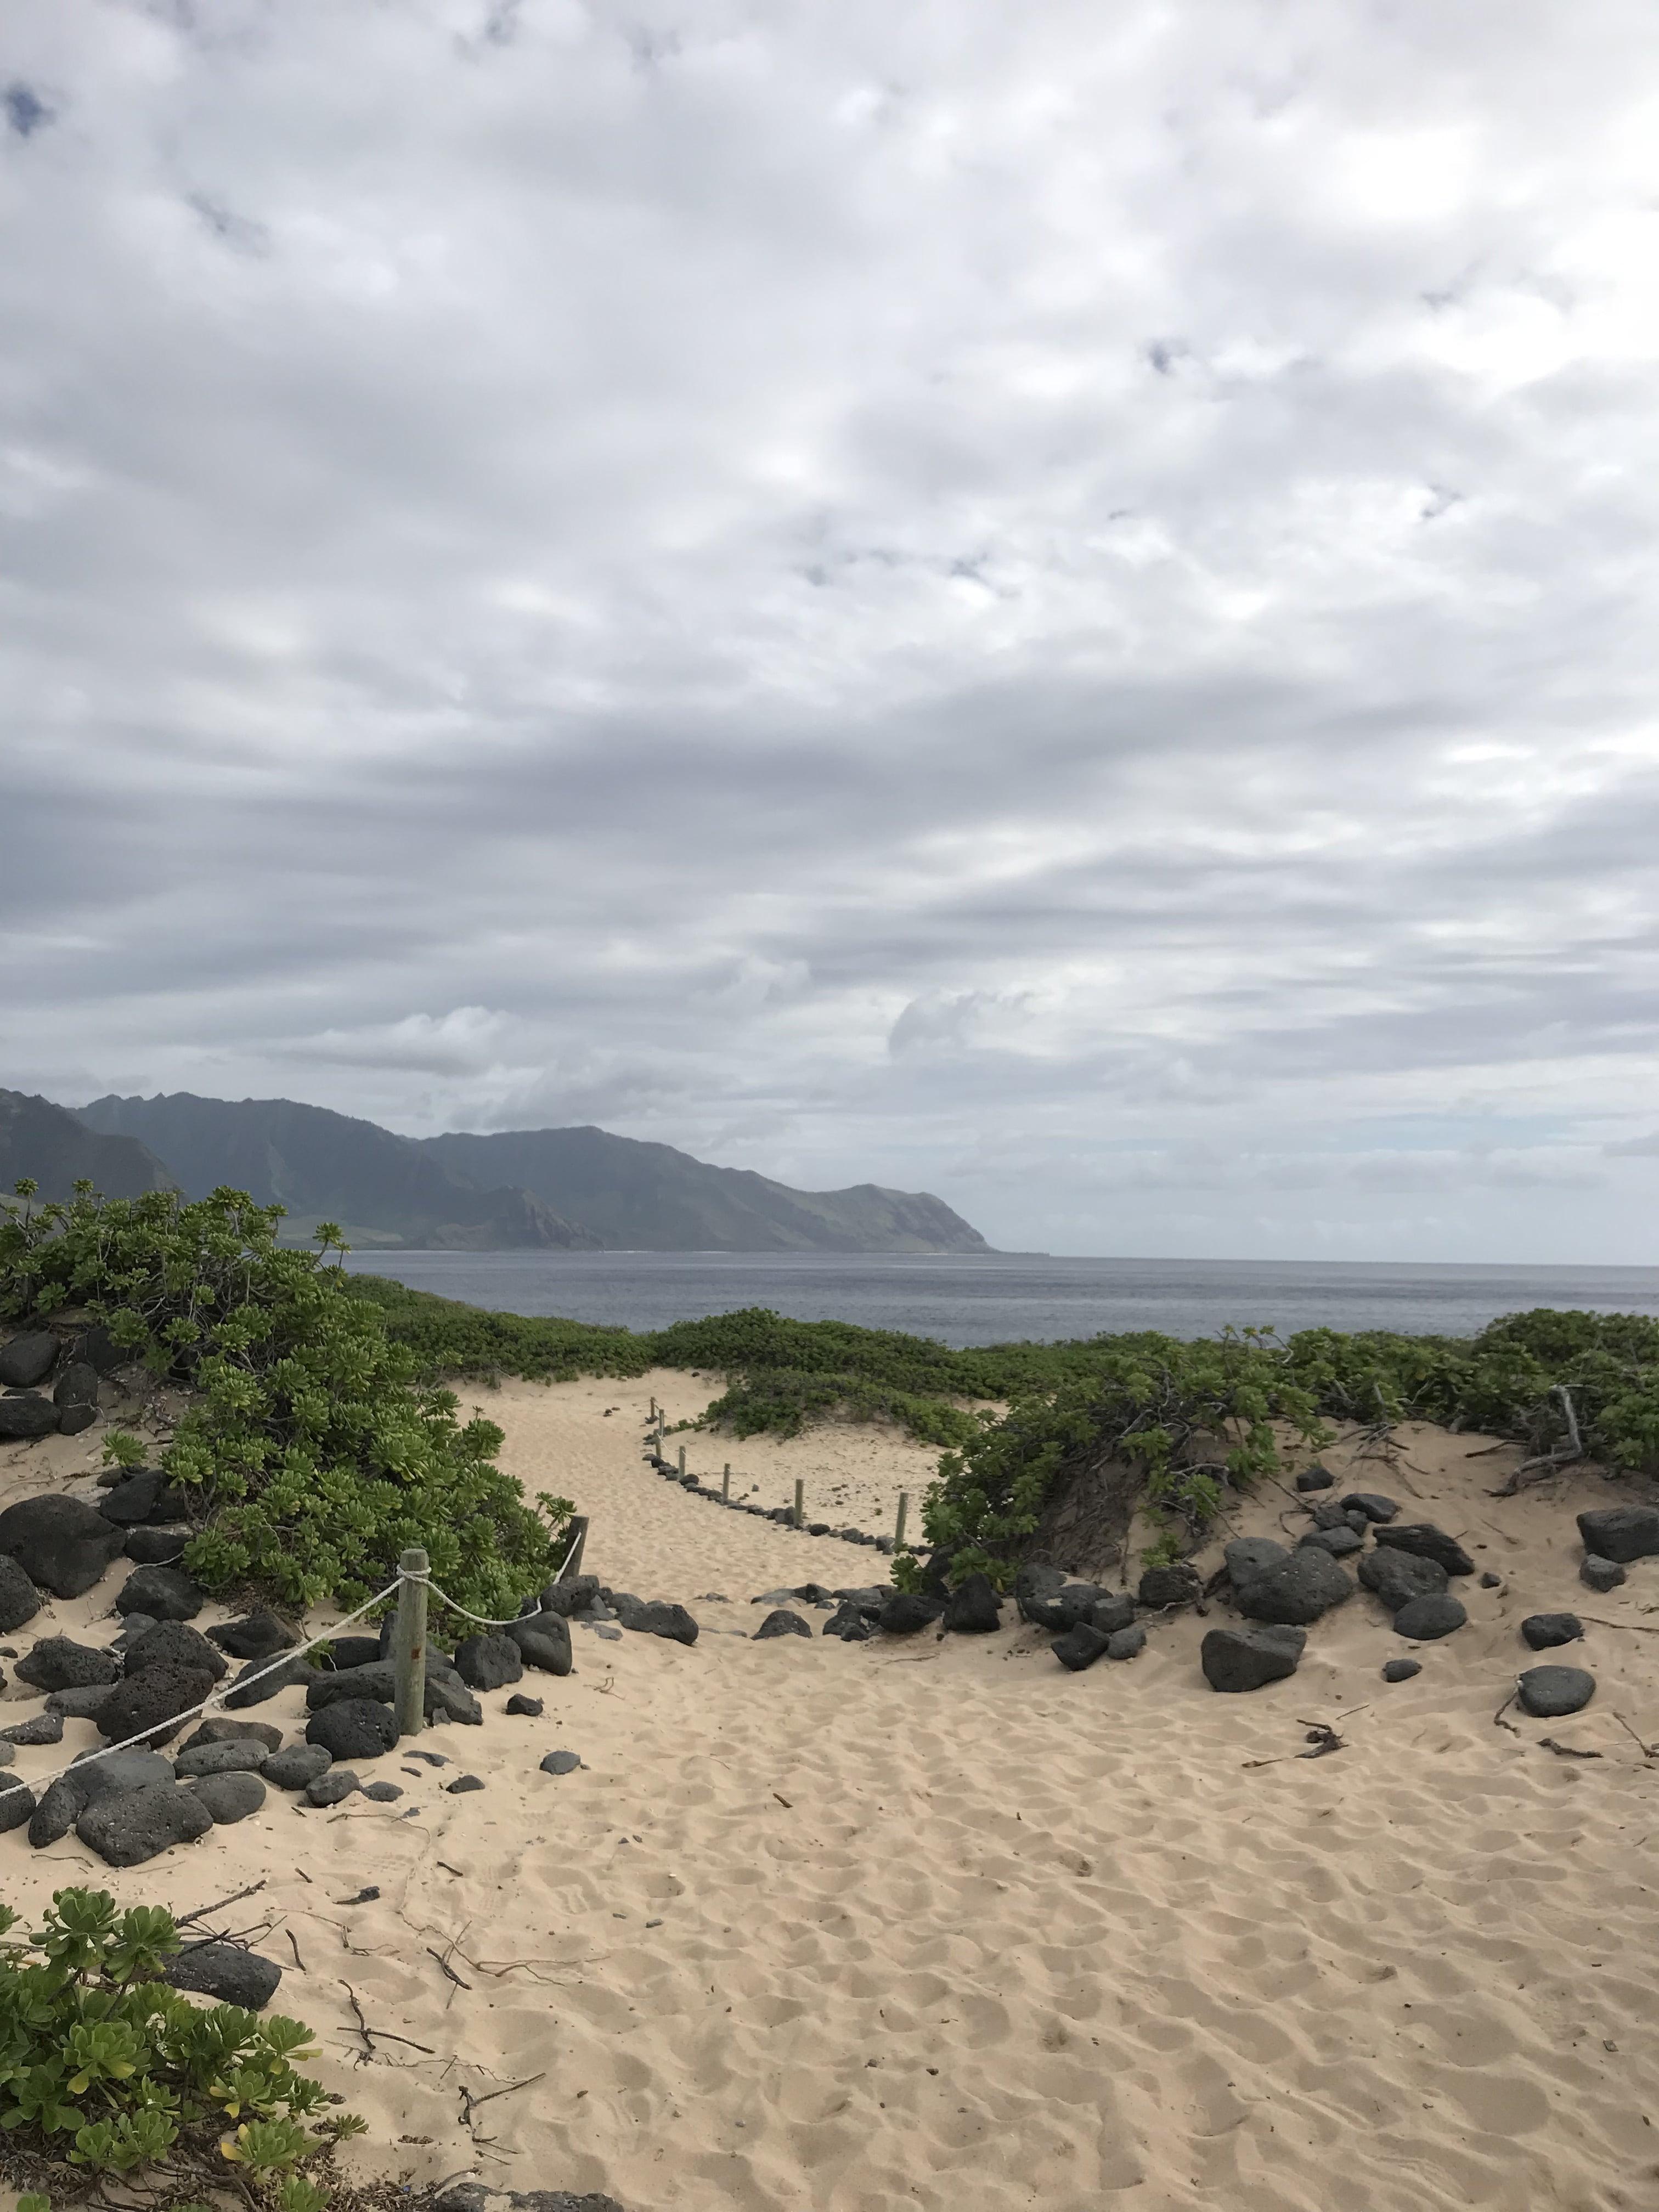 Hiking In Hawaii: Kaena Point - Kaena Point Hike - Kaena Point State Park - Kaena Point North Shore - Kaena Point West Side - Oahu Hikes - Easy Oahu Hikes - Kaena Point Easy Hike - Kaena Point Trail - Hawaiian Monk Seal - How Long Is Kaena Point Hike - Kaena Point Hike Oahu - #oahu #hawaii #travelblog